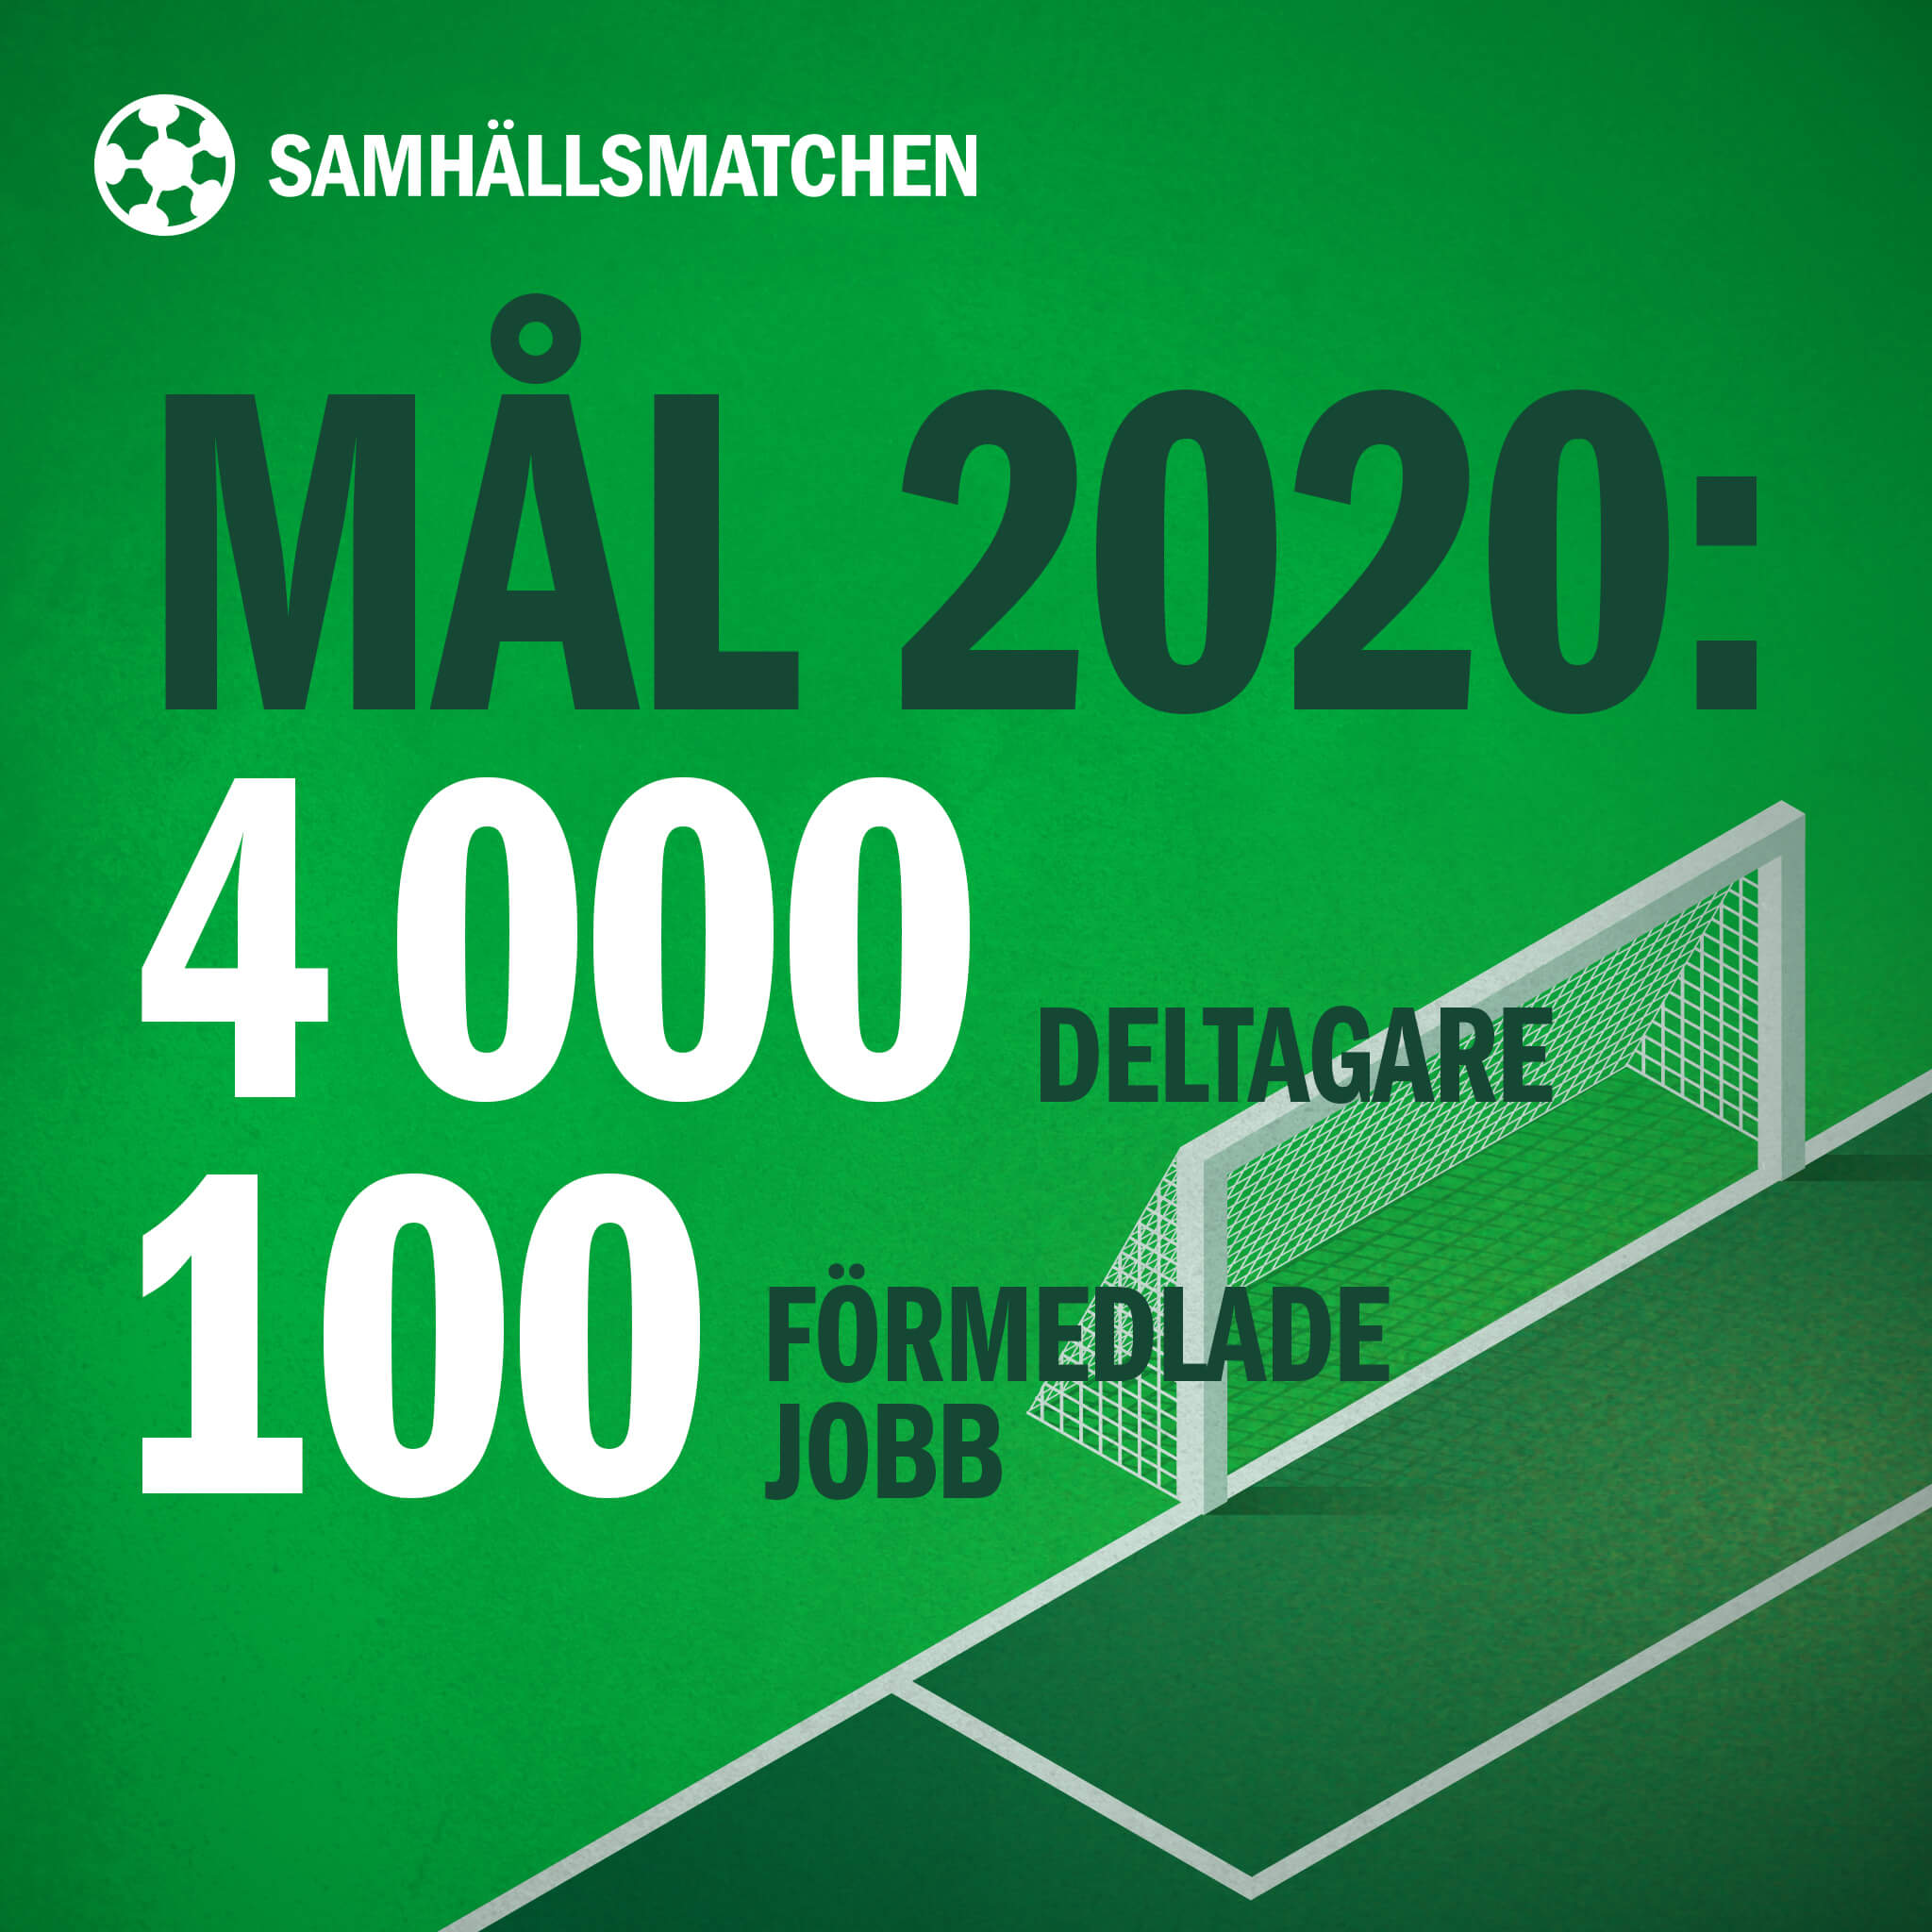 Samhällsmatchens mål för 2020: 4 000 deltagare, 100 anställningar